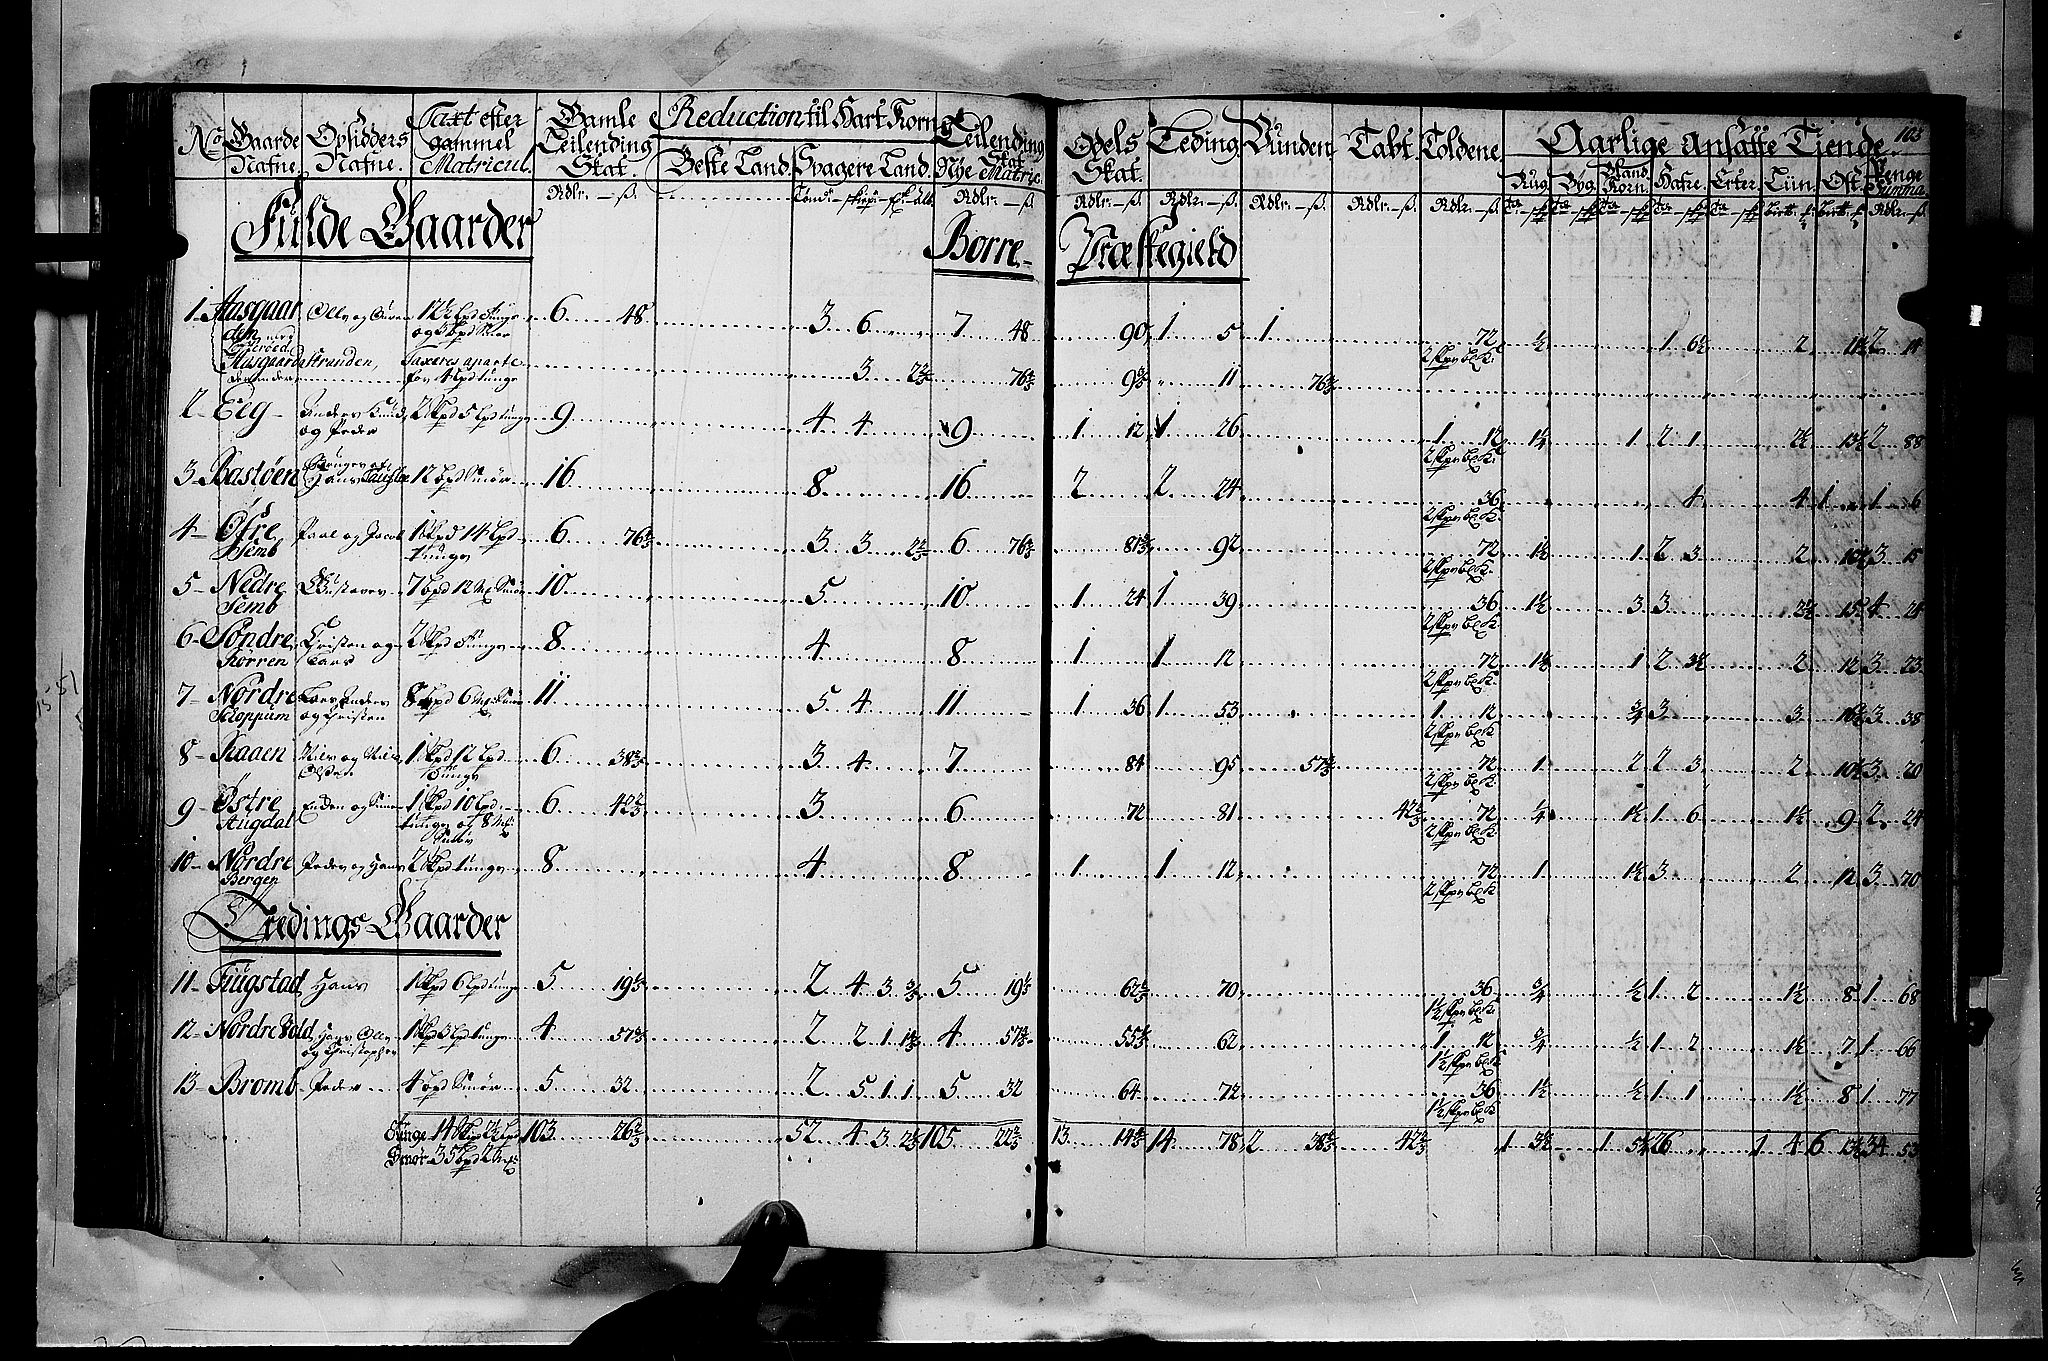 RA, Rentekammeret inntil 1814, Realistisk ordnet avdeling, N/Nb/Nbf/L0116: Jarlsberg grevskap matrikkelprotokoll, 1723, s. 102b-103a